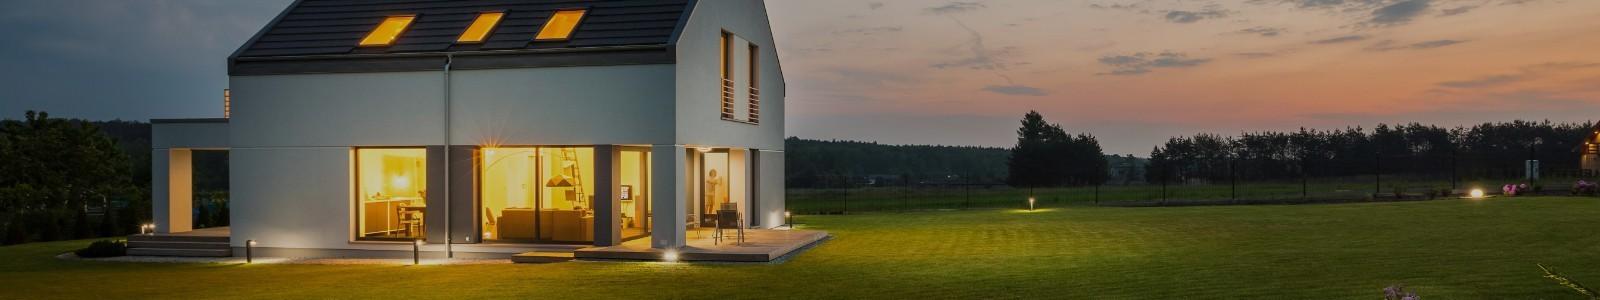 Projekty Domów Typu Stodoła | Nowoczesność i Styl